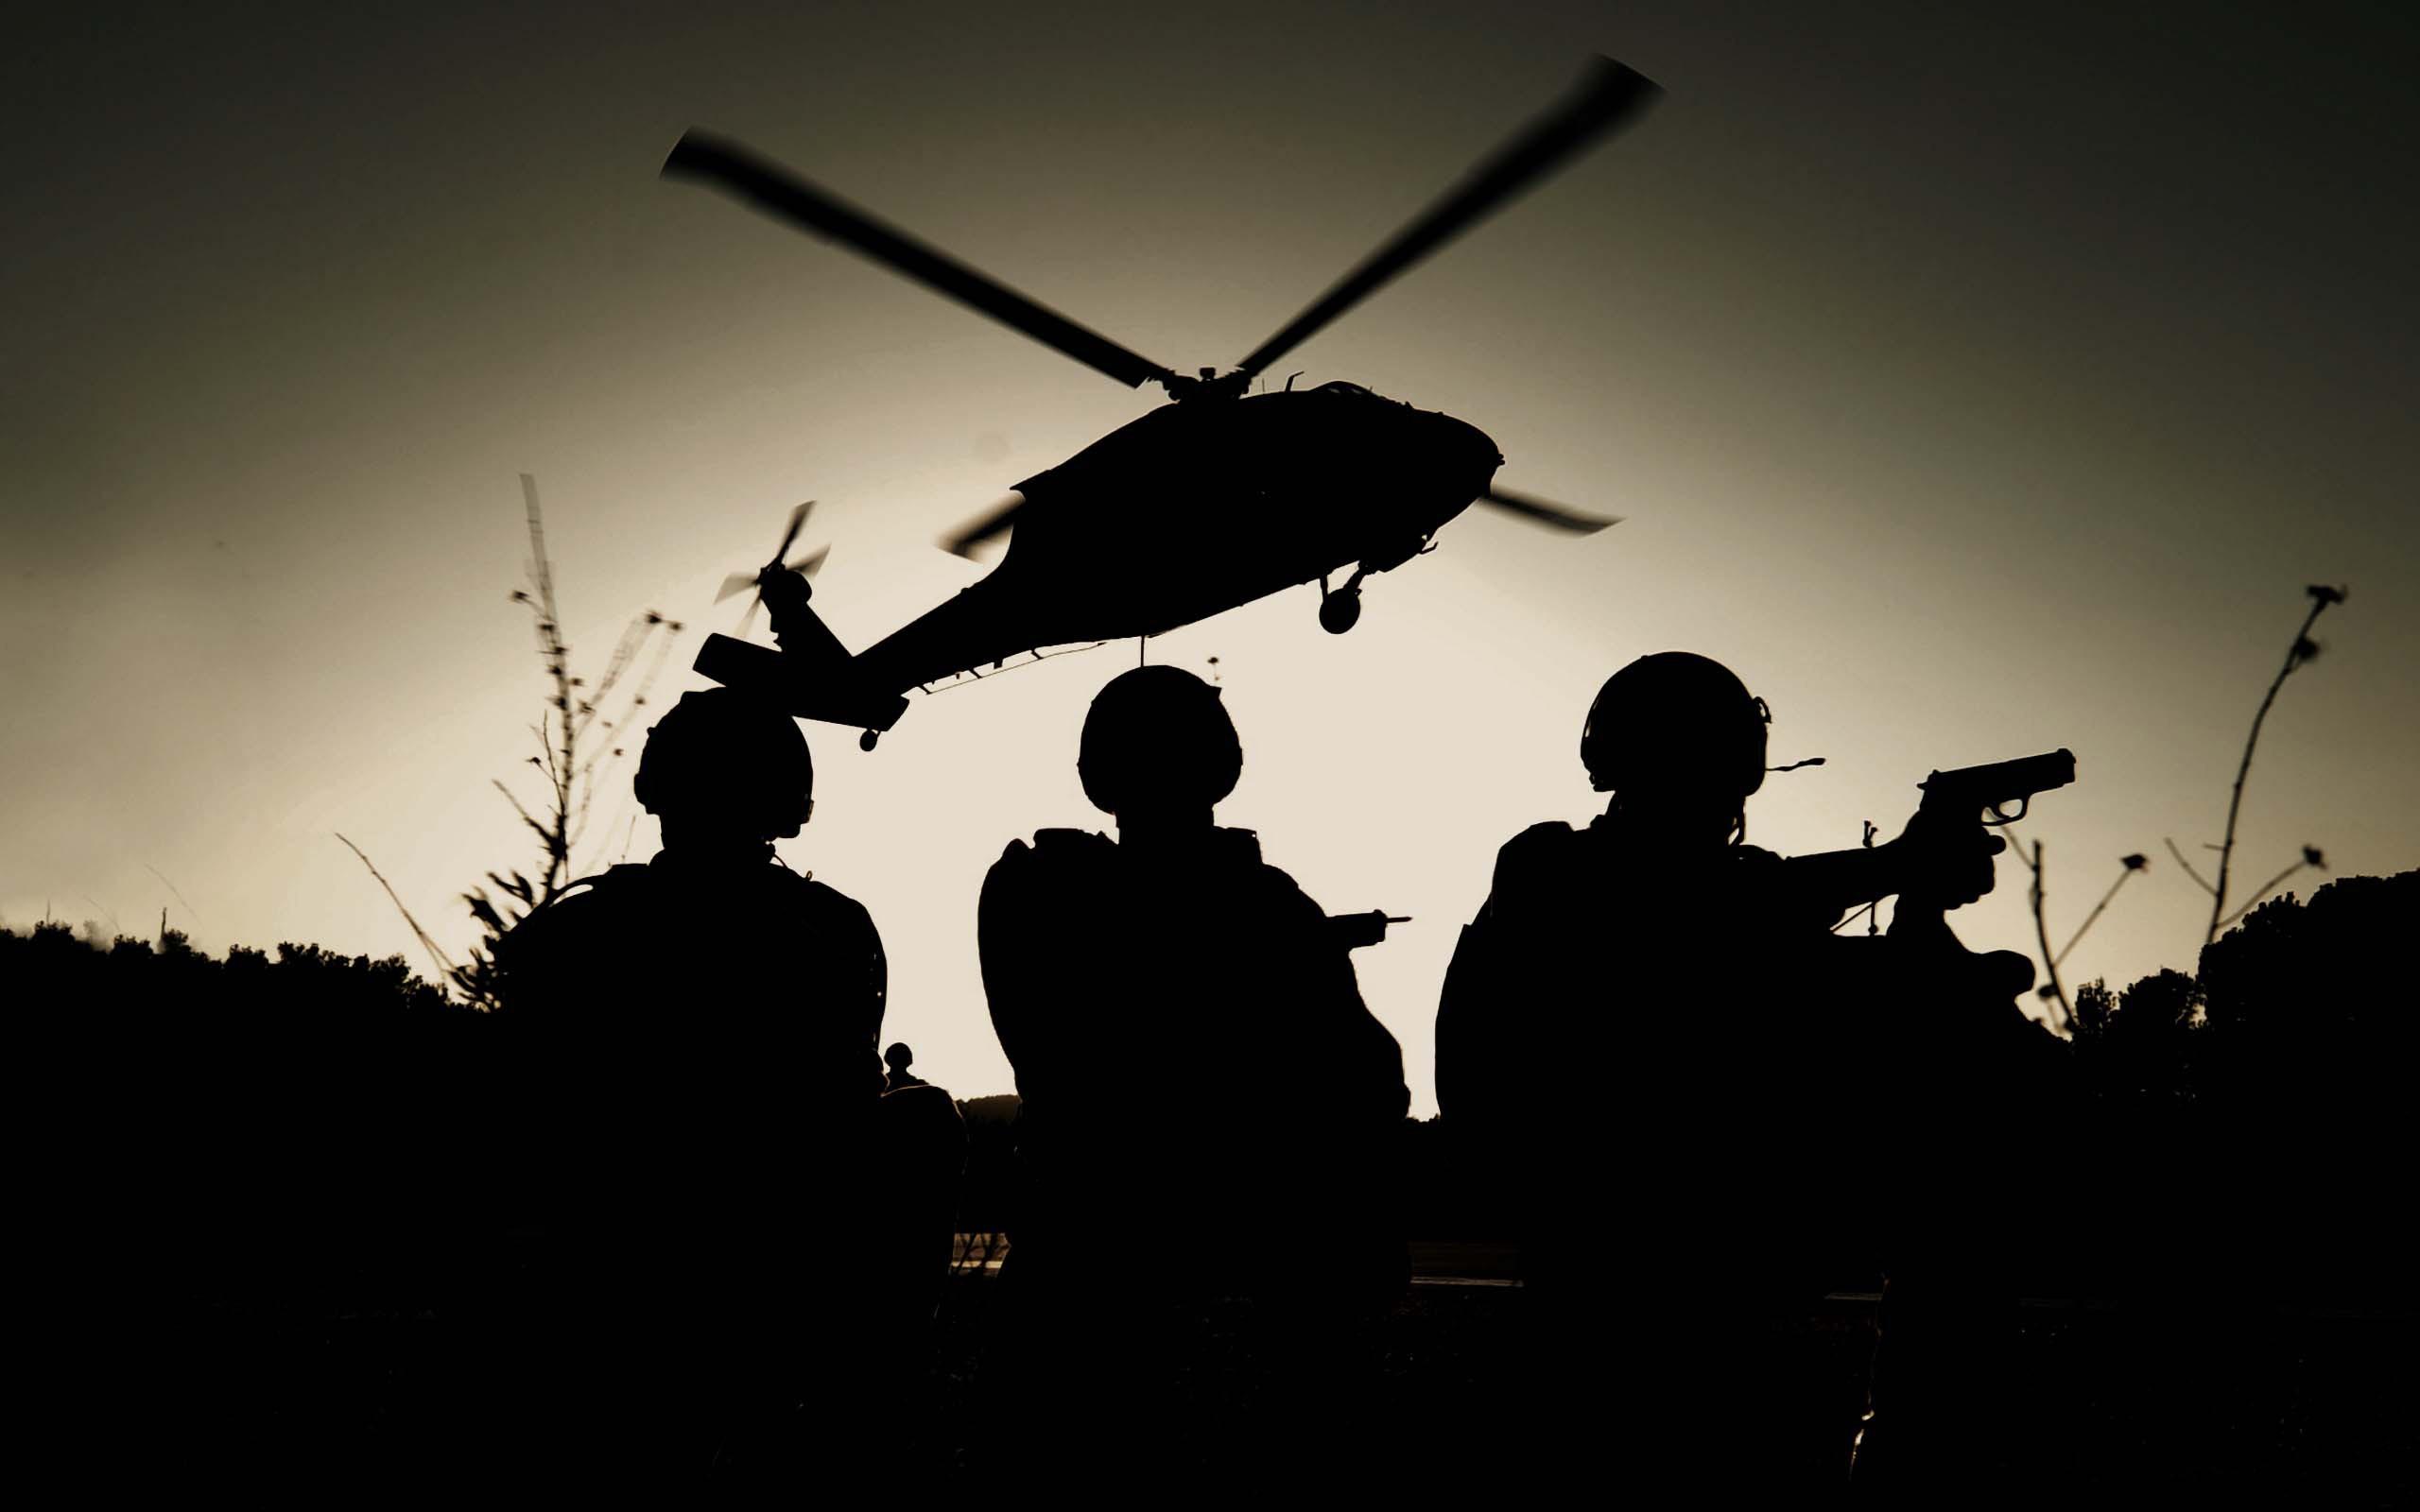 Fotografía de soldados - 2560x1600